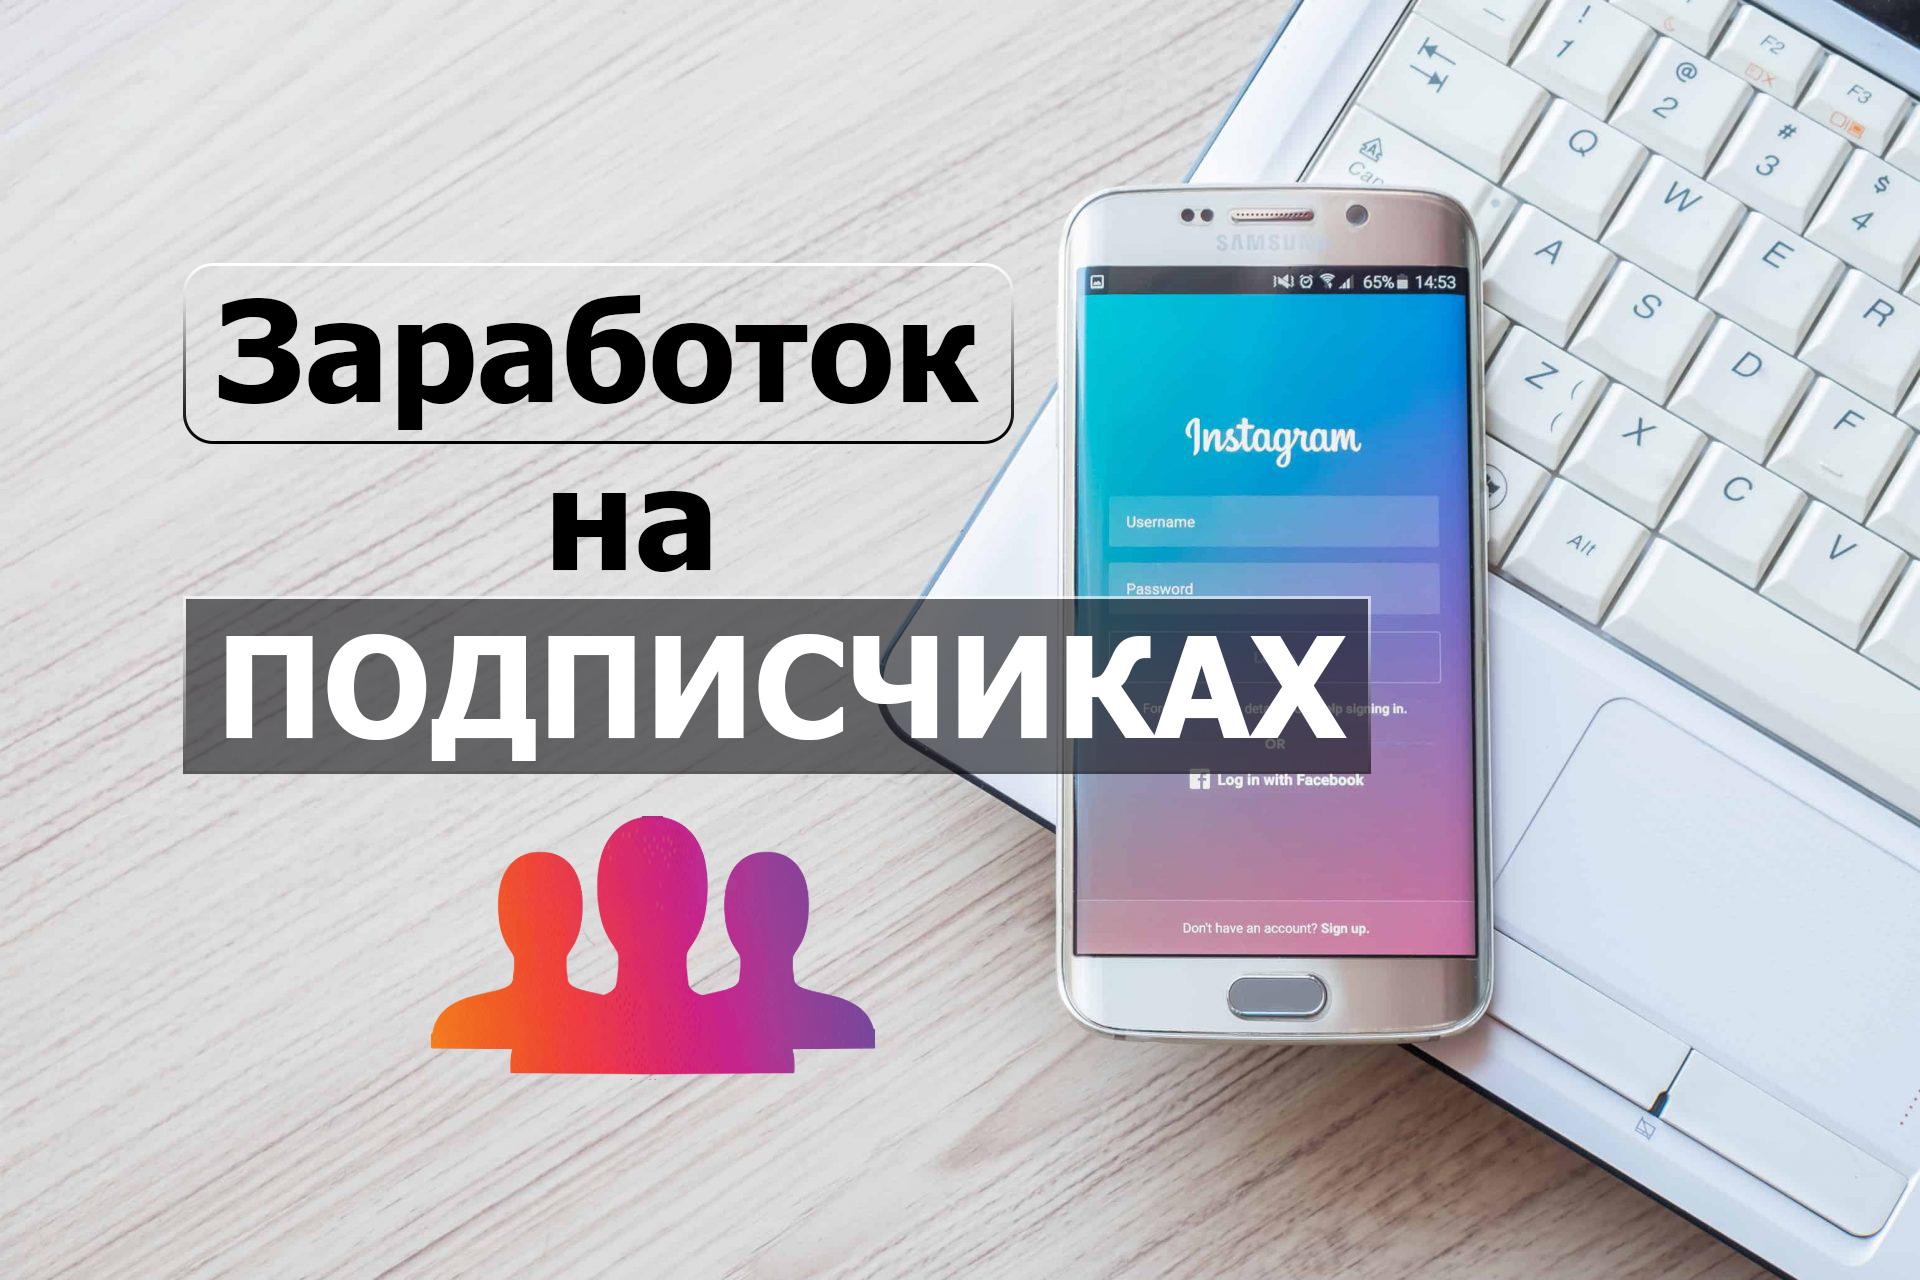 Заработок на подписчиках в Инстаграм: сколько и кто платит